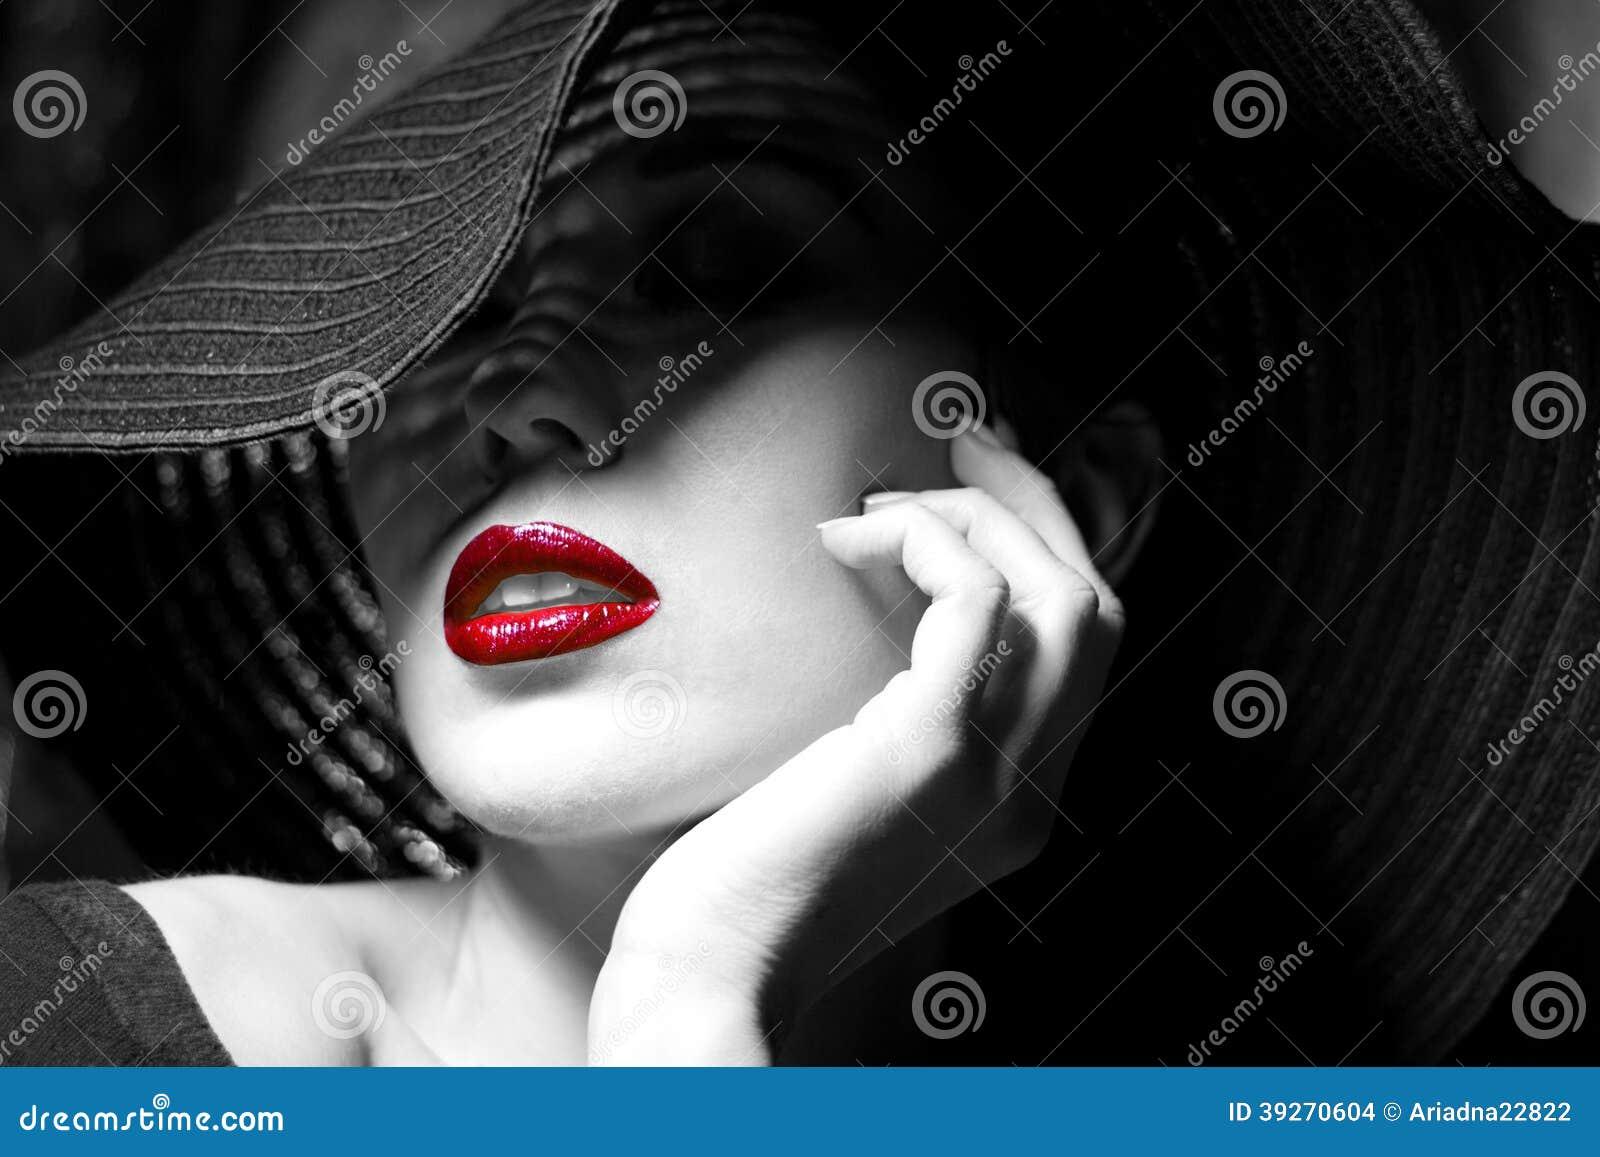 黑帽会议的神奇妇女。红色嘴唇